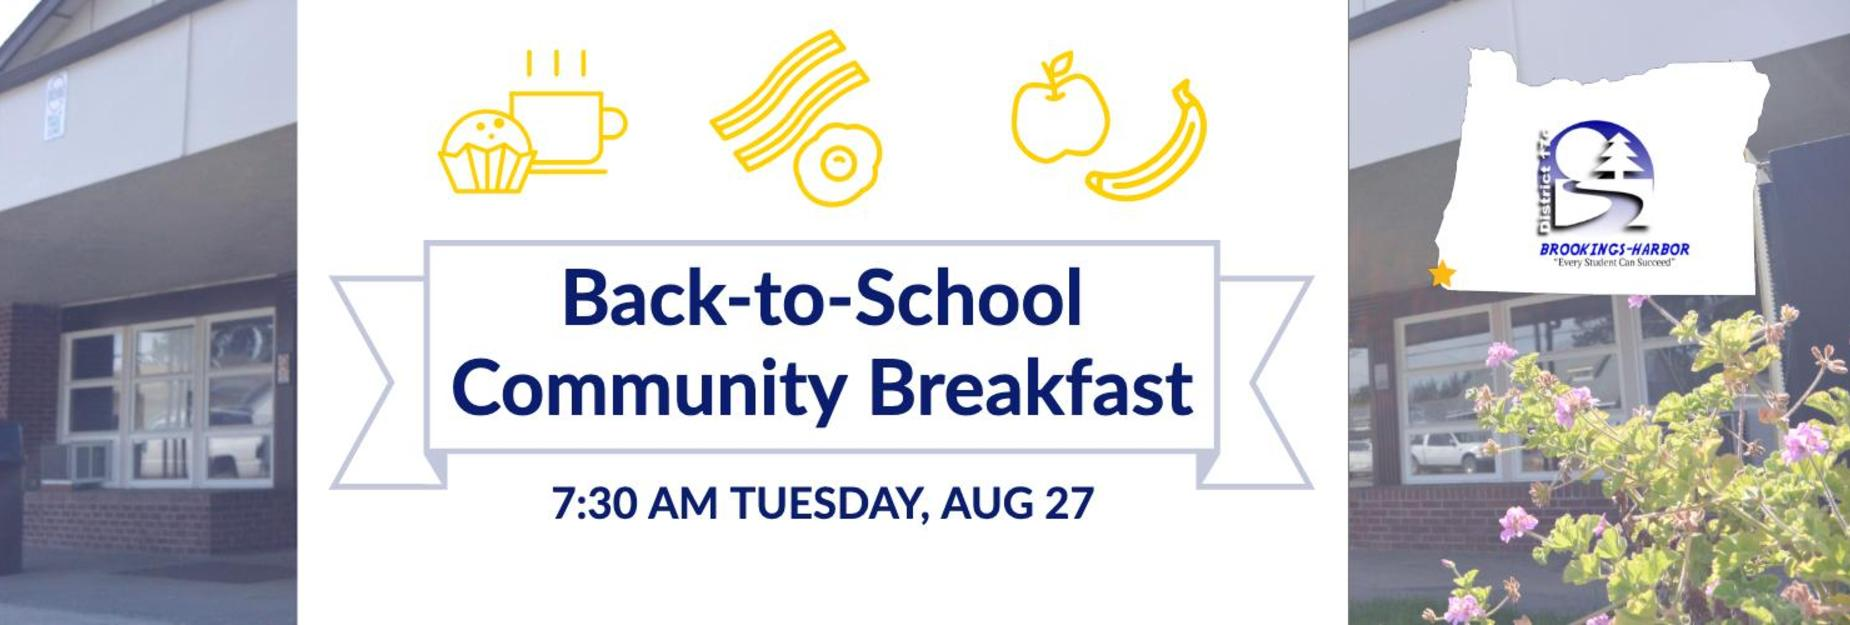 back to school community breakfast